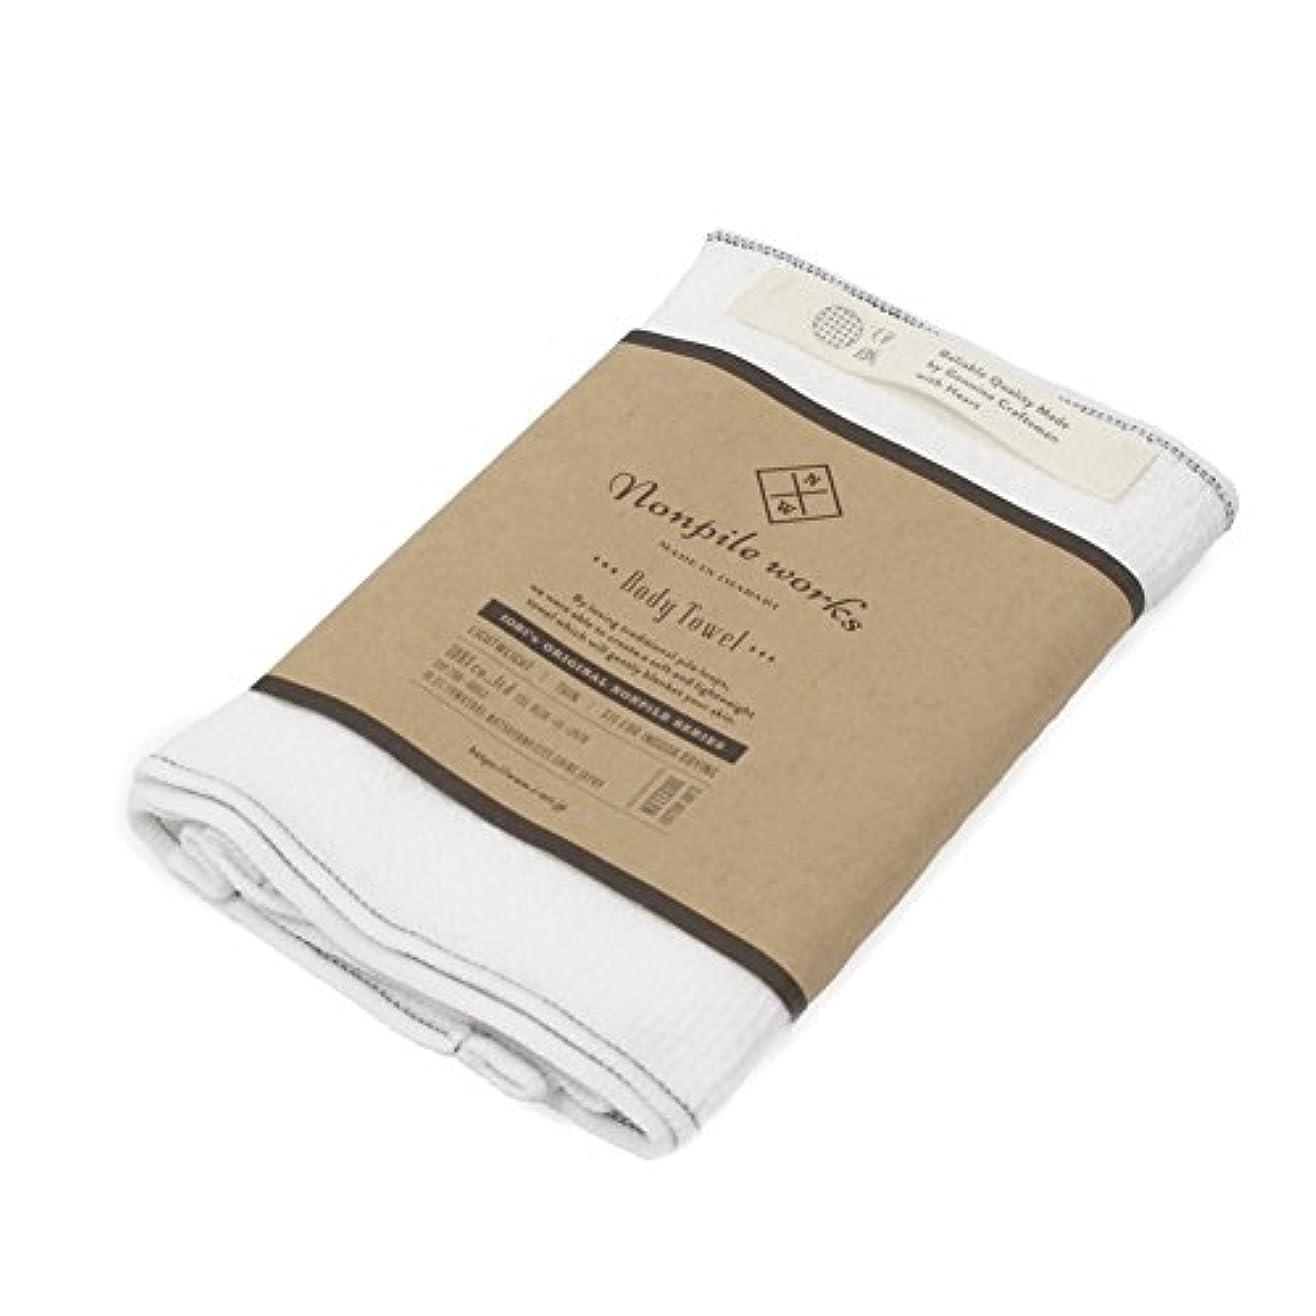 ヘリコプターかまどインド今治産 ボディタオル 16x85cm nonpile works Body Towel 伊織 (ホワイト)